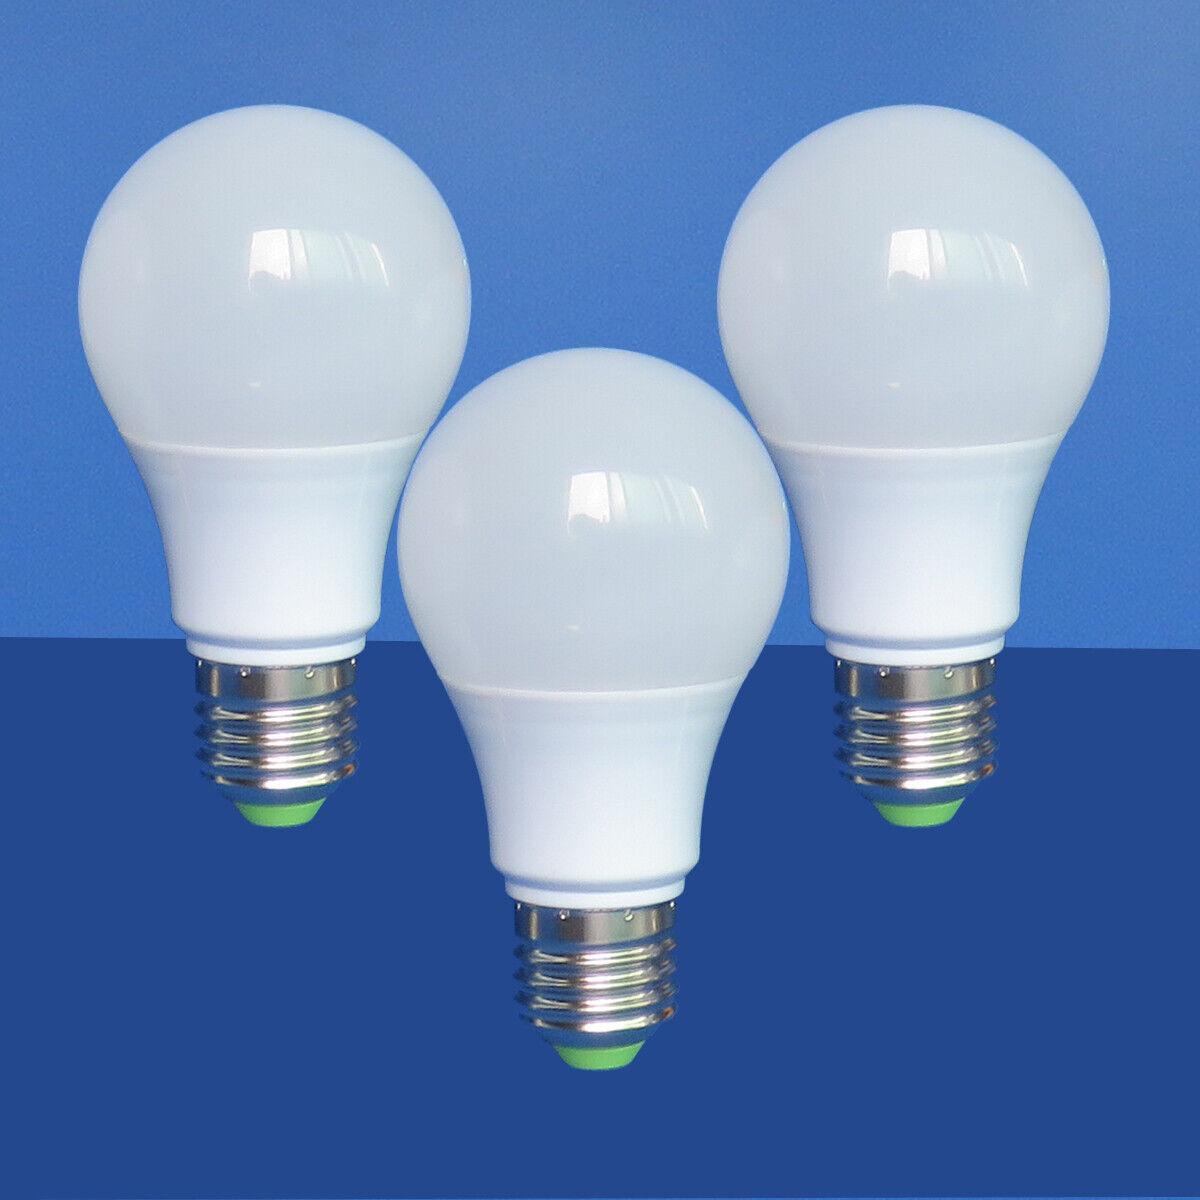 3pcs LED Light Bulb E27 A19 AC 12V/DC 12-24V 5W Globe Lights